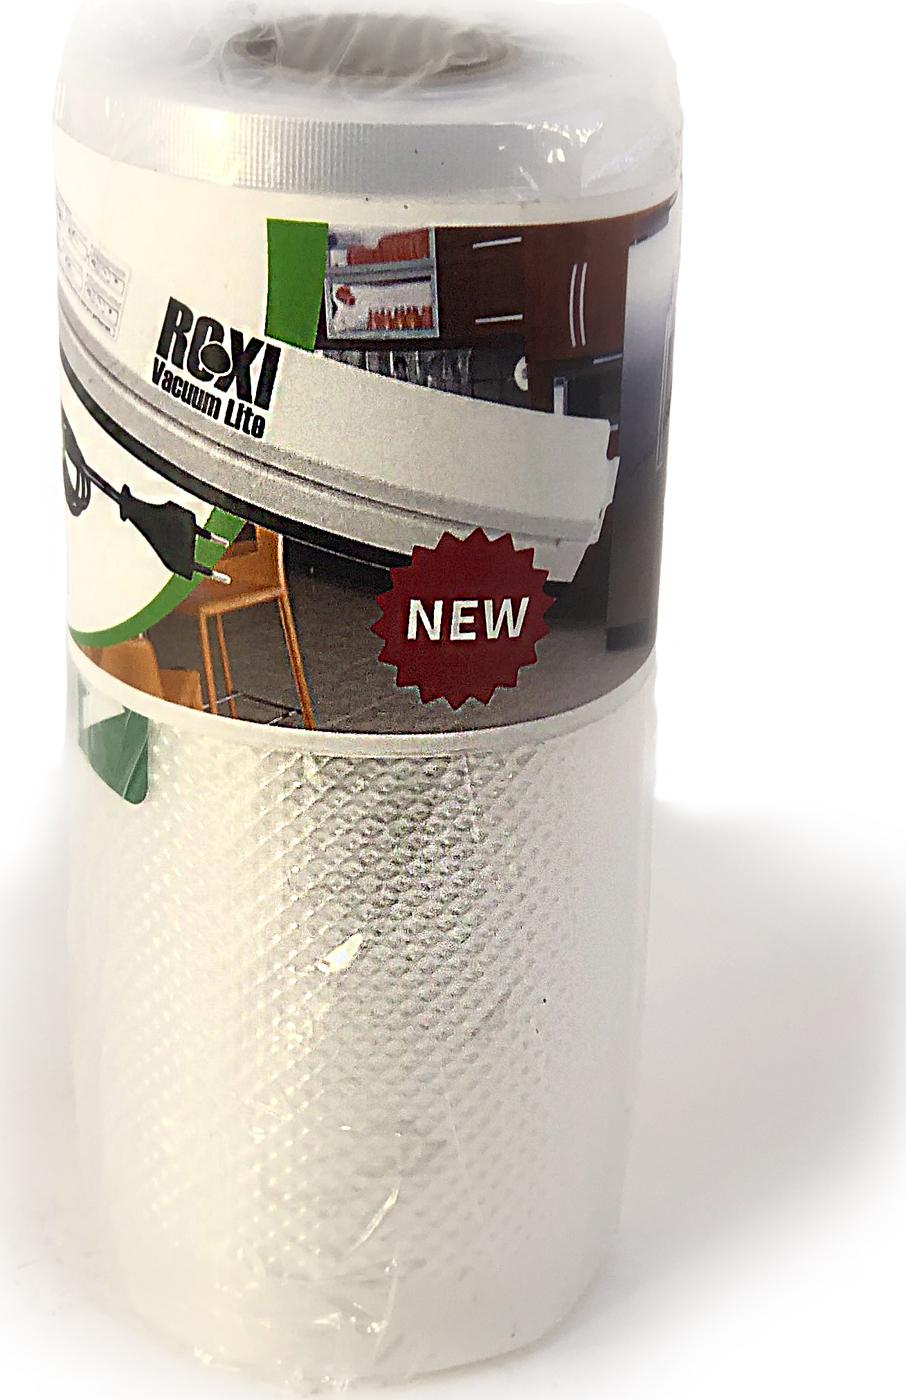 Вакуумный пакет (рулон 12 см) ROXI Vacuum Bag Вакуумные пакеты ROXI Vacuum Bag для...